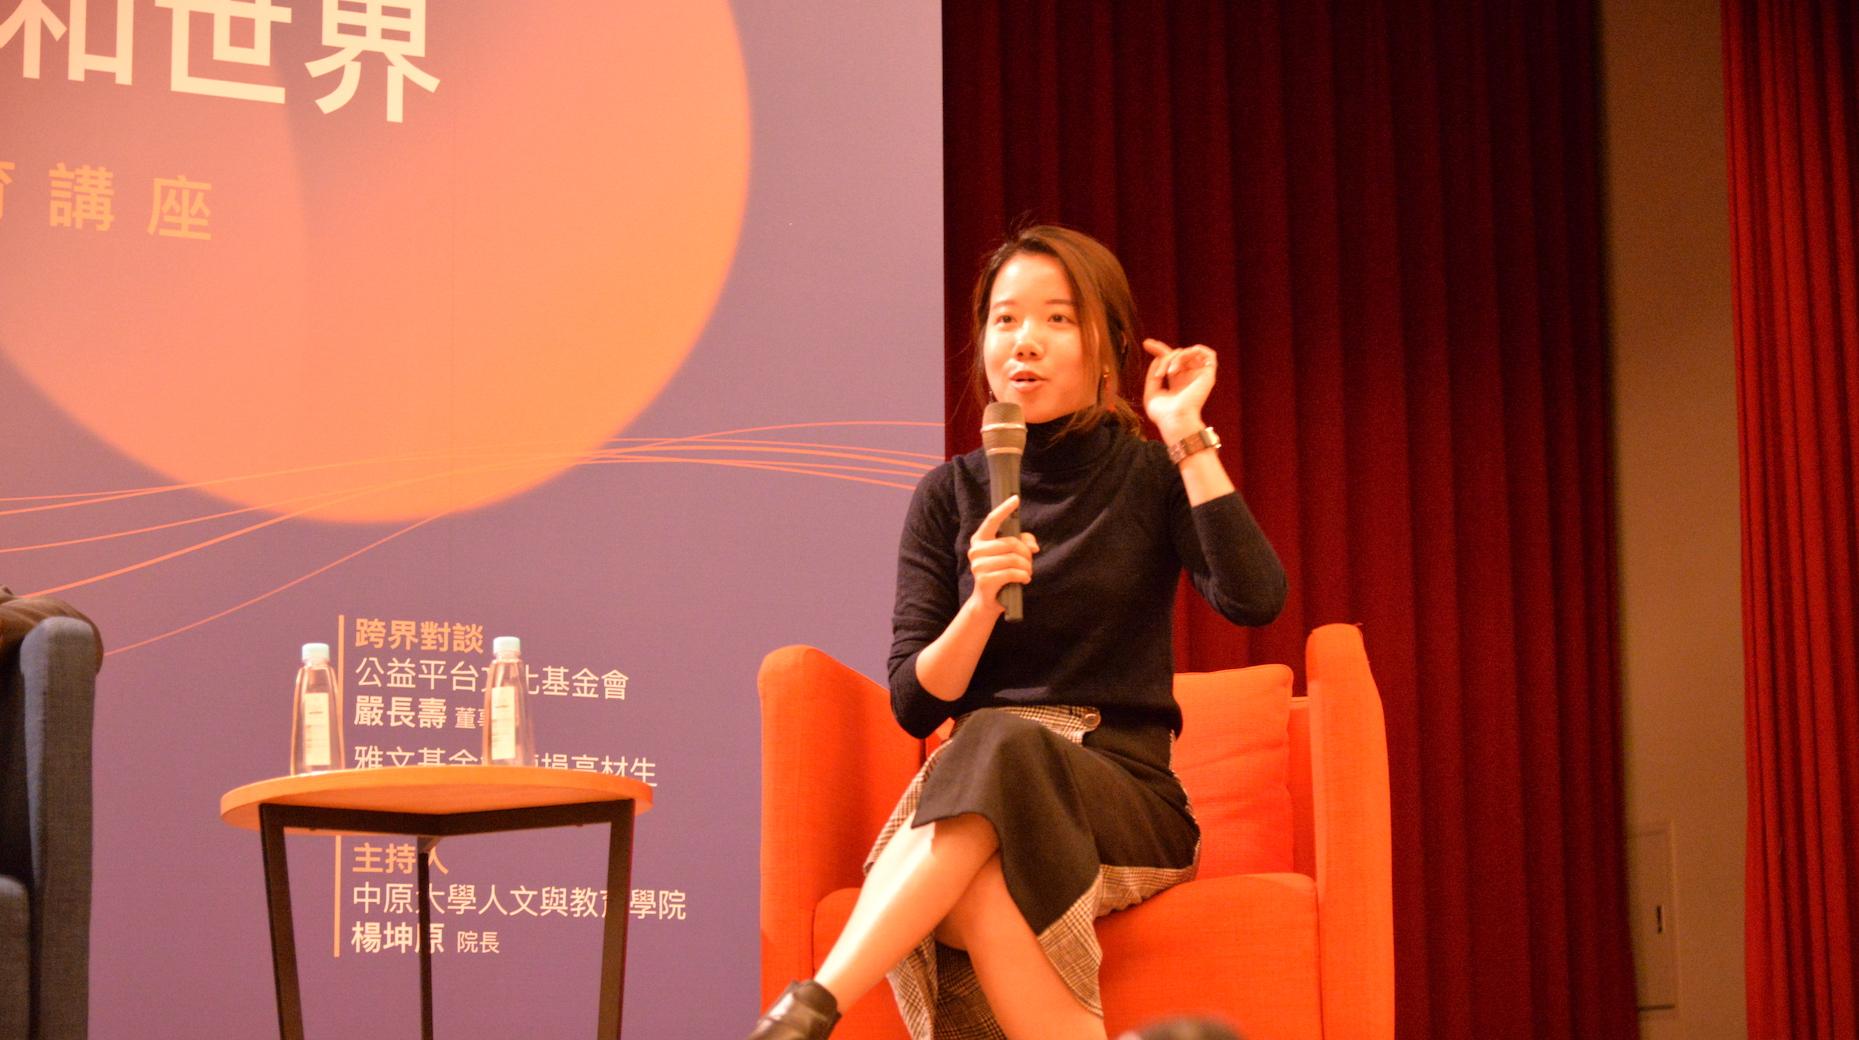 聽障高材生林以婕在座談中和青年們侃侃而談她的心路歷程。.JPG